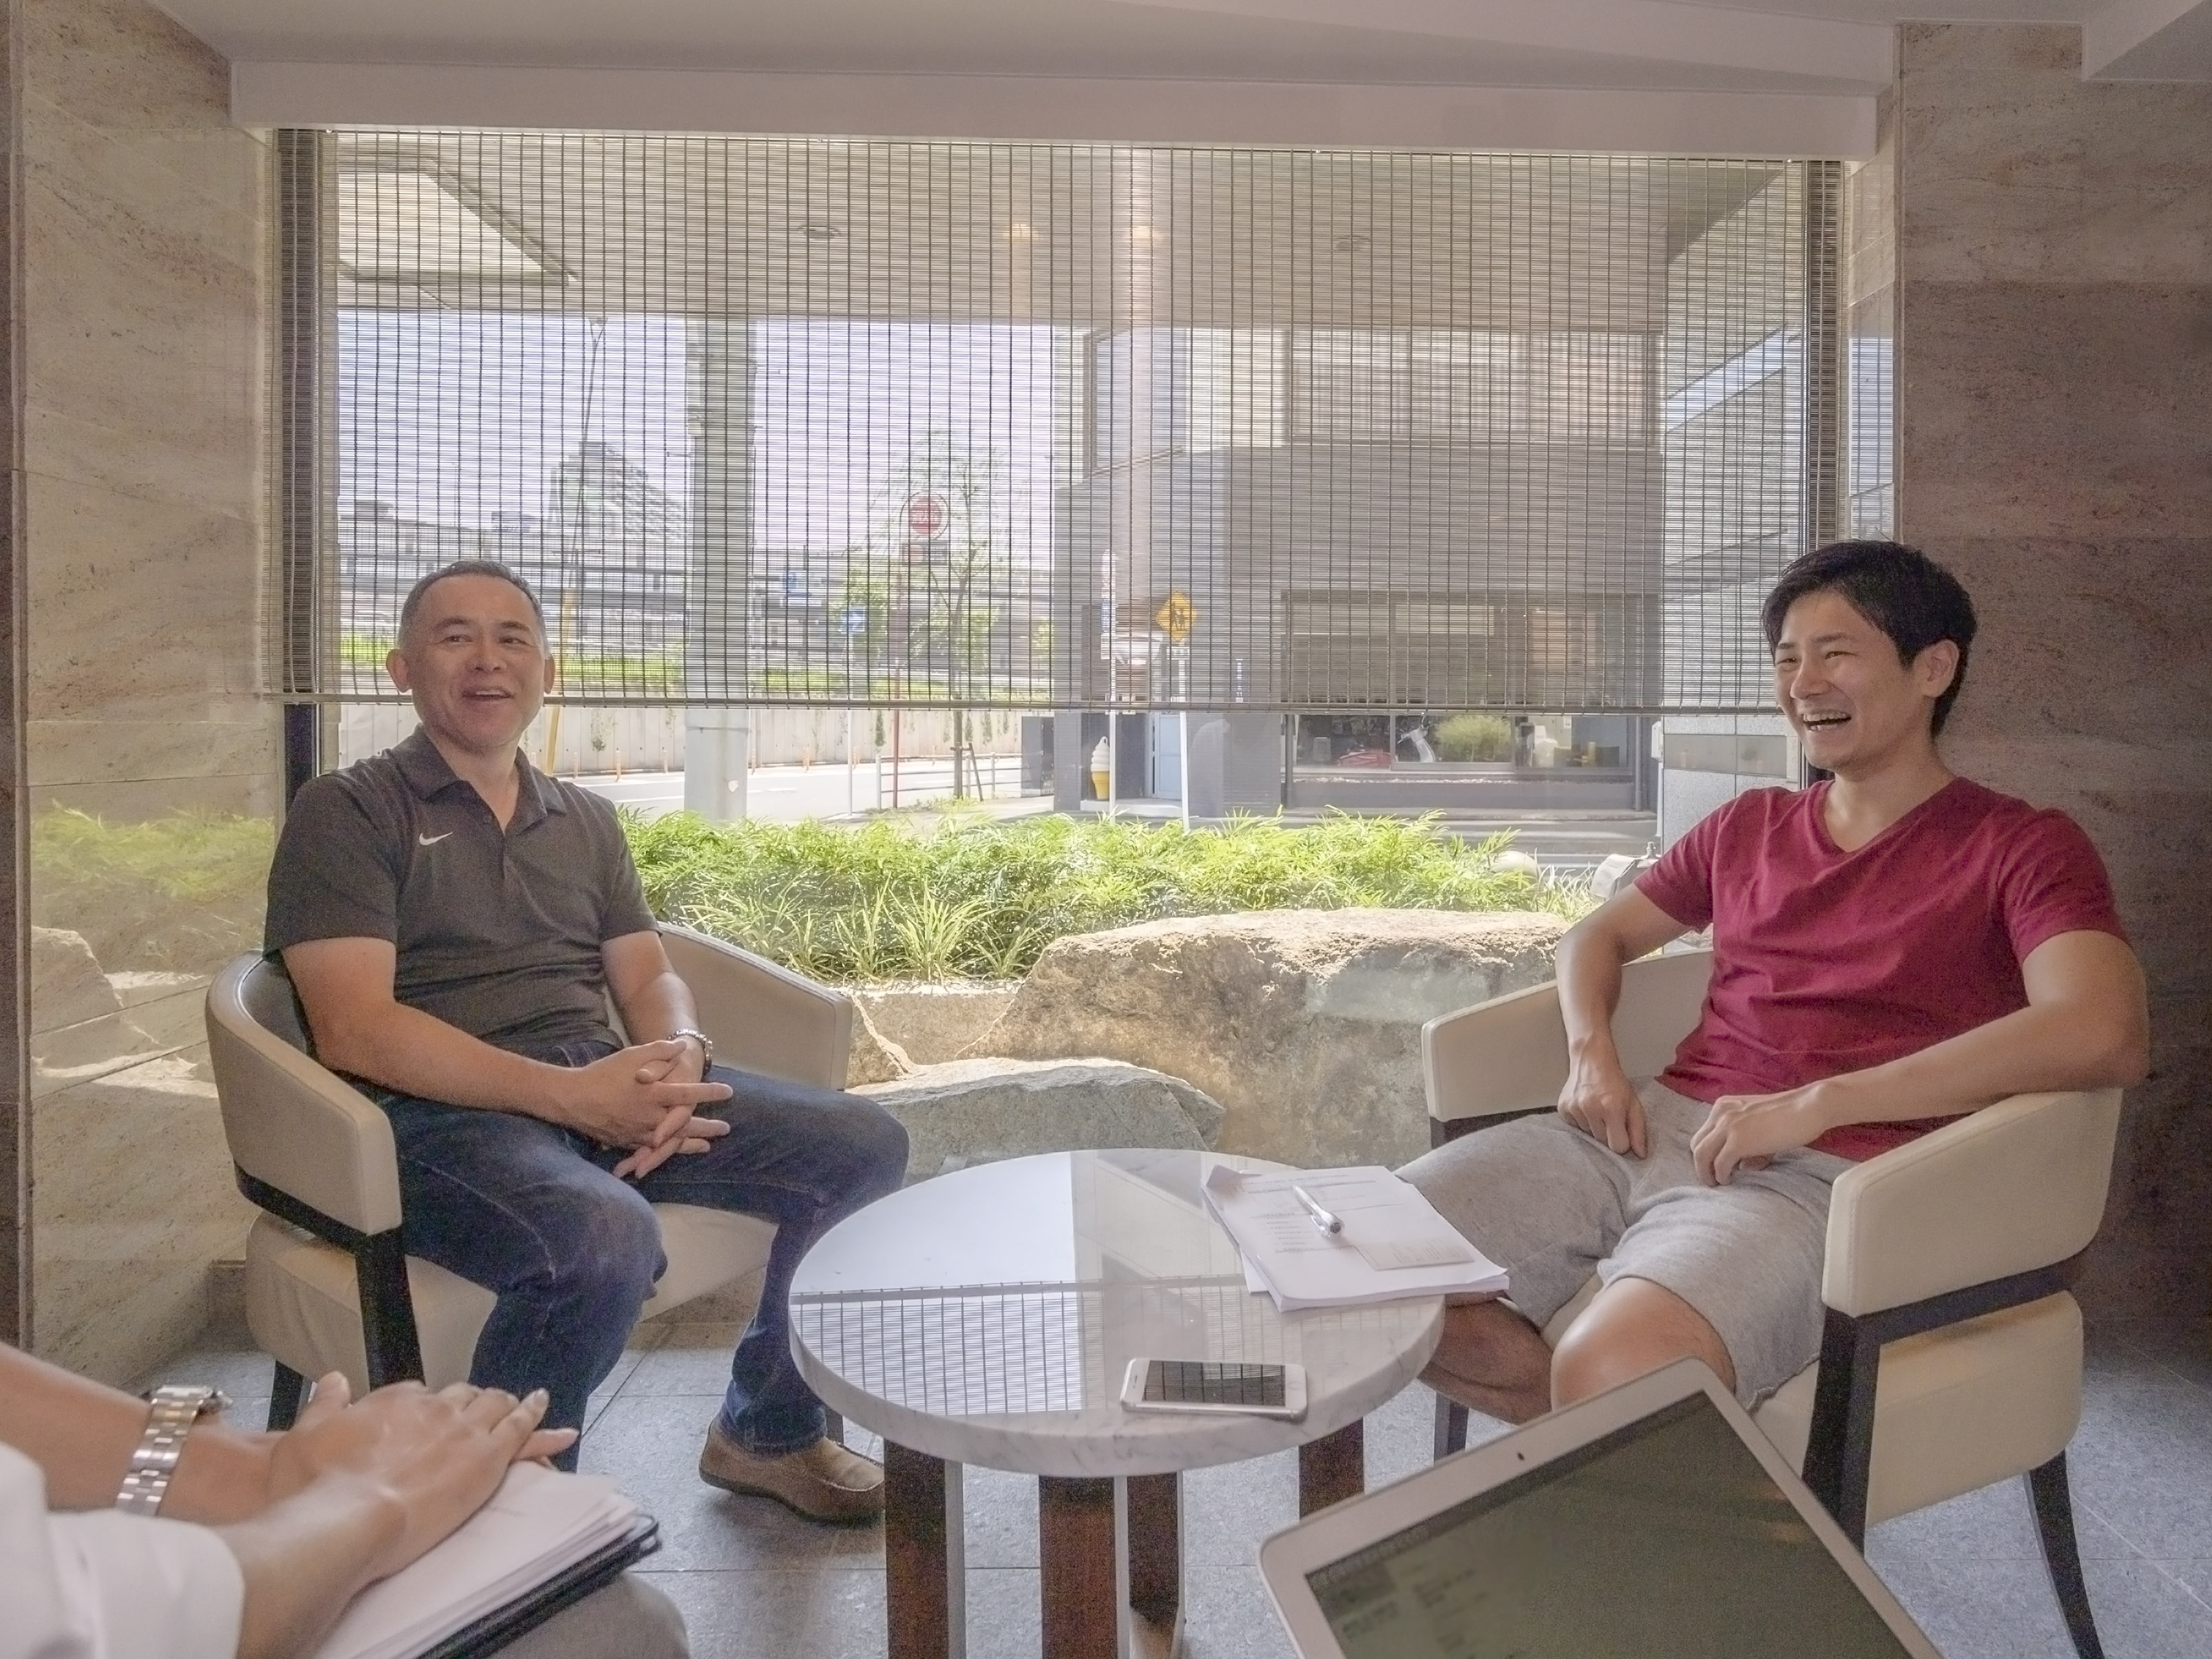 ブランズ日本橋浜町公園の管理組合を取材しました!